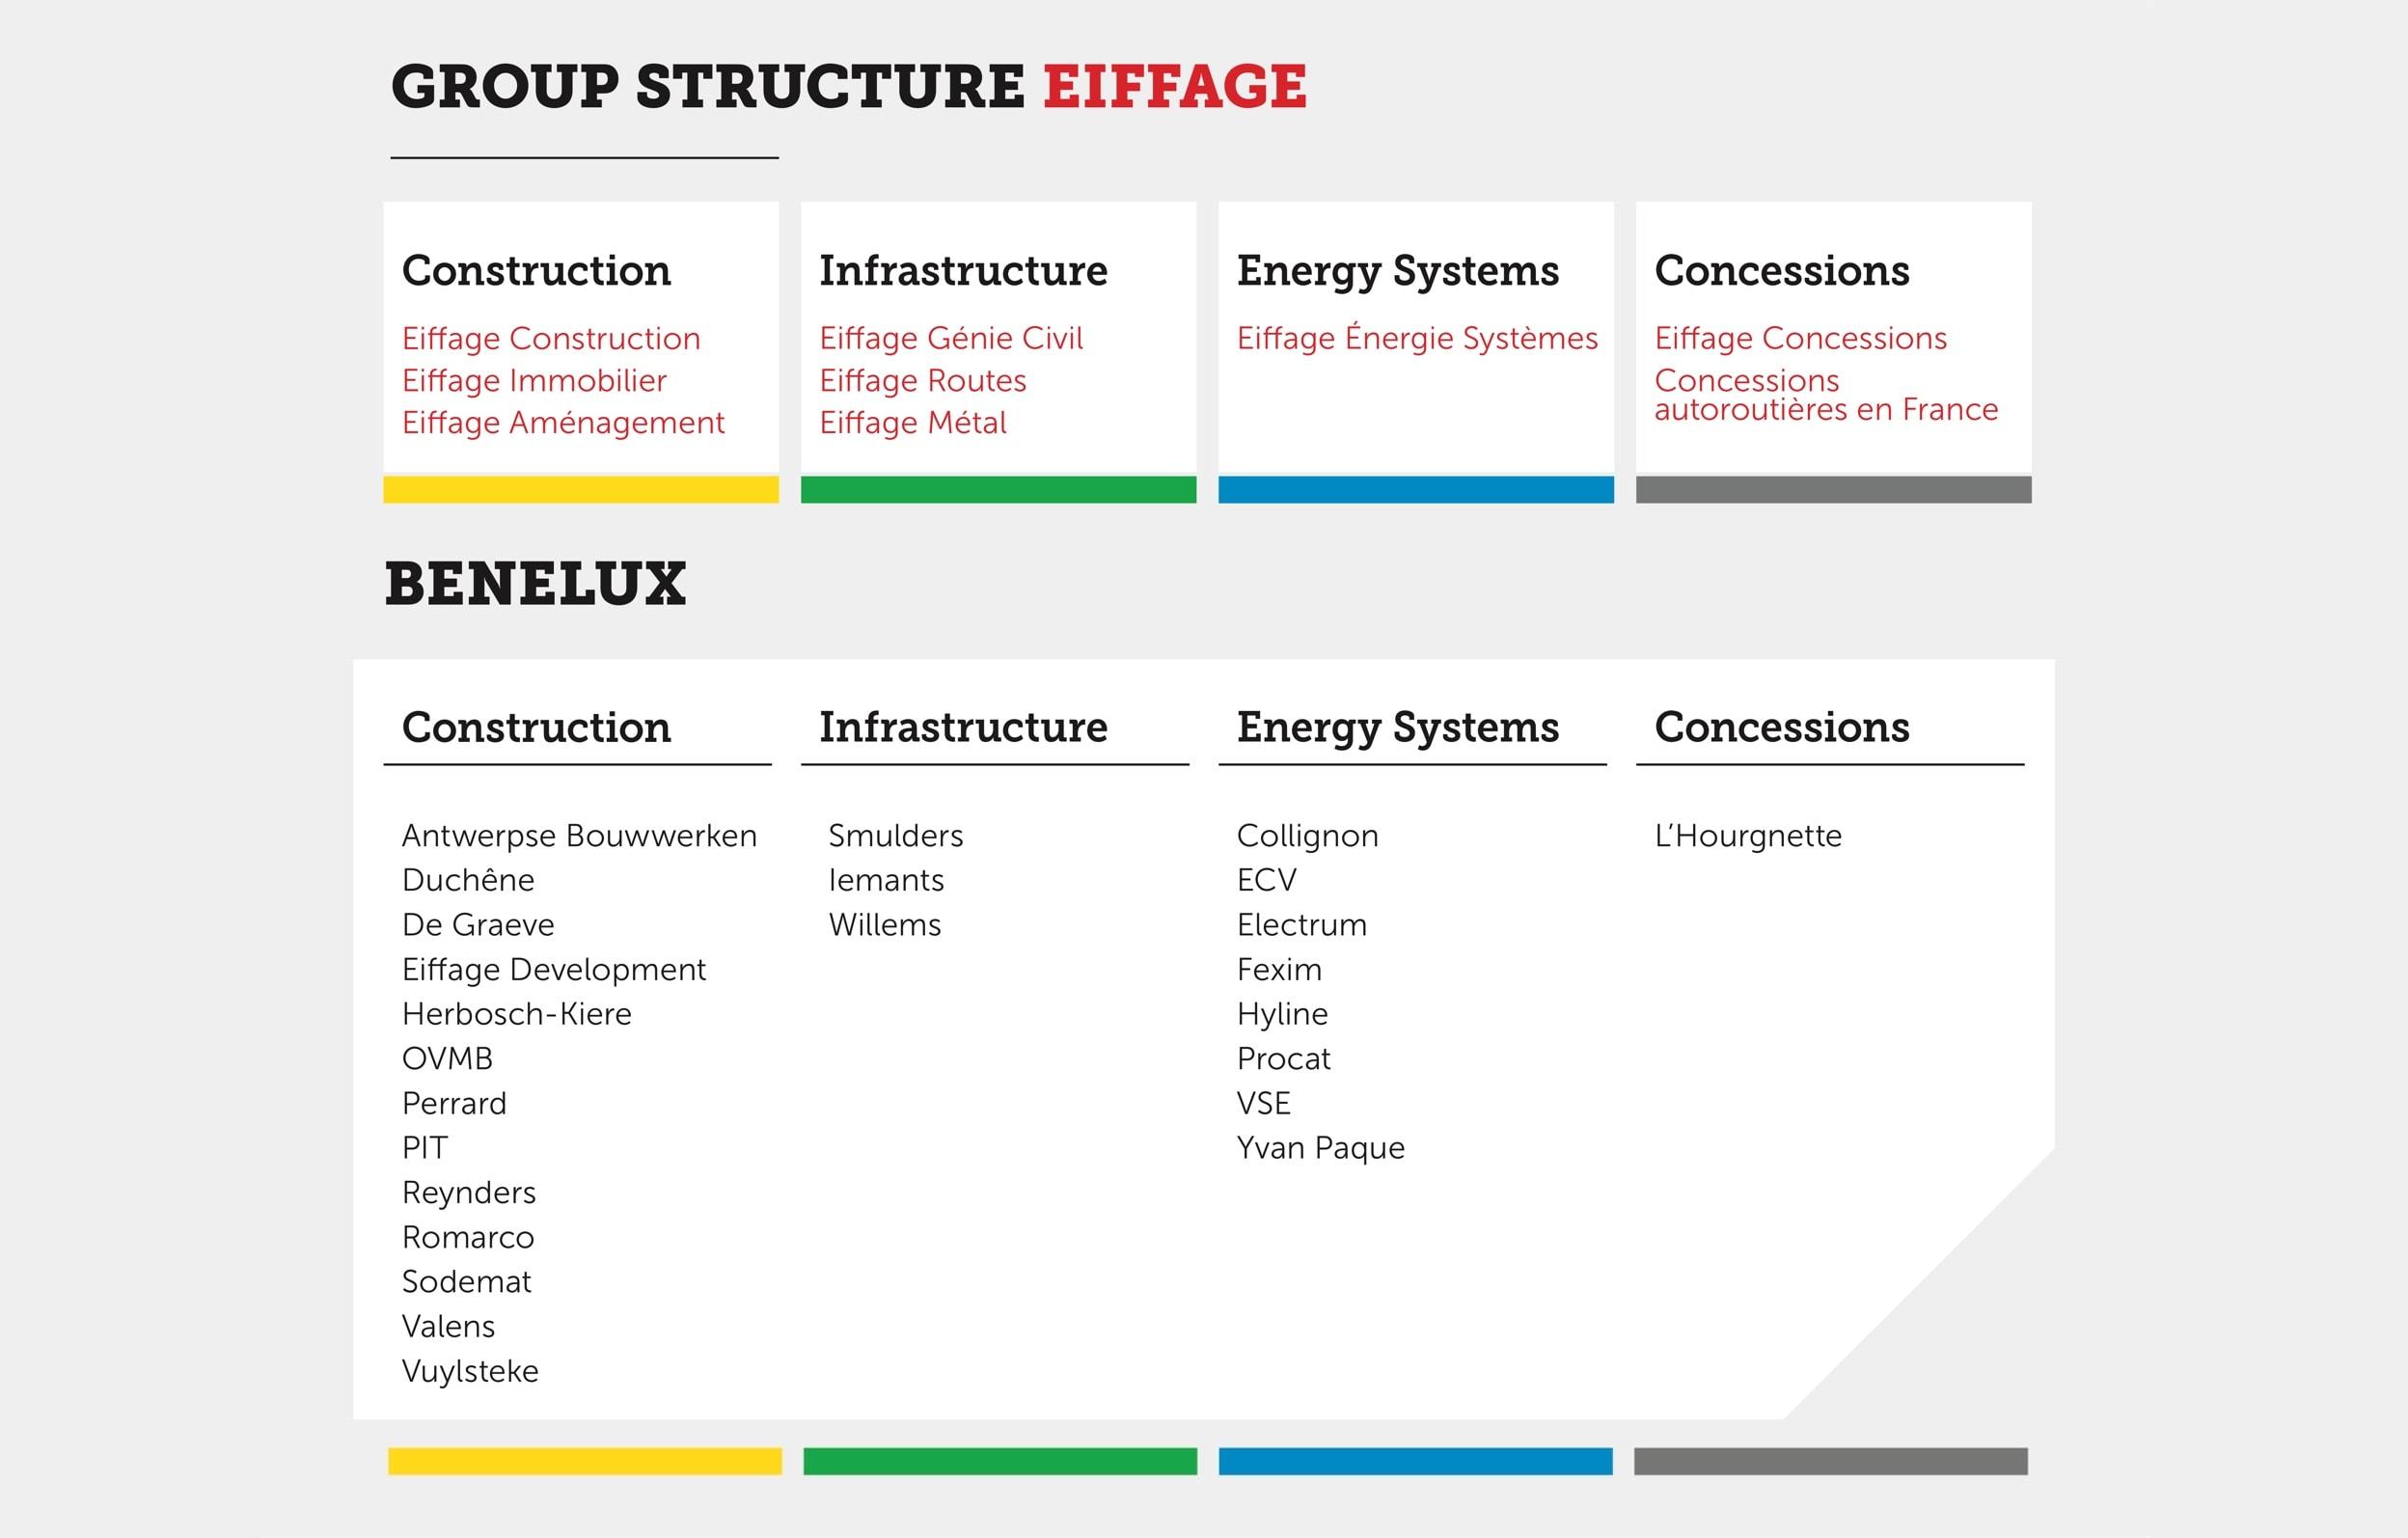 Structure de l'entreprise